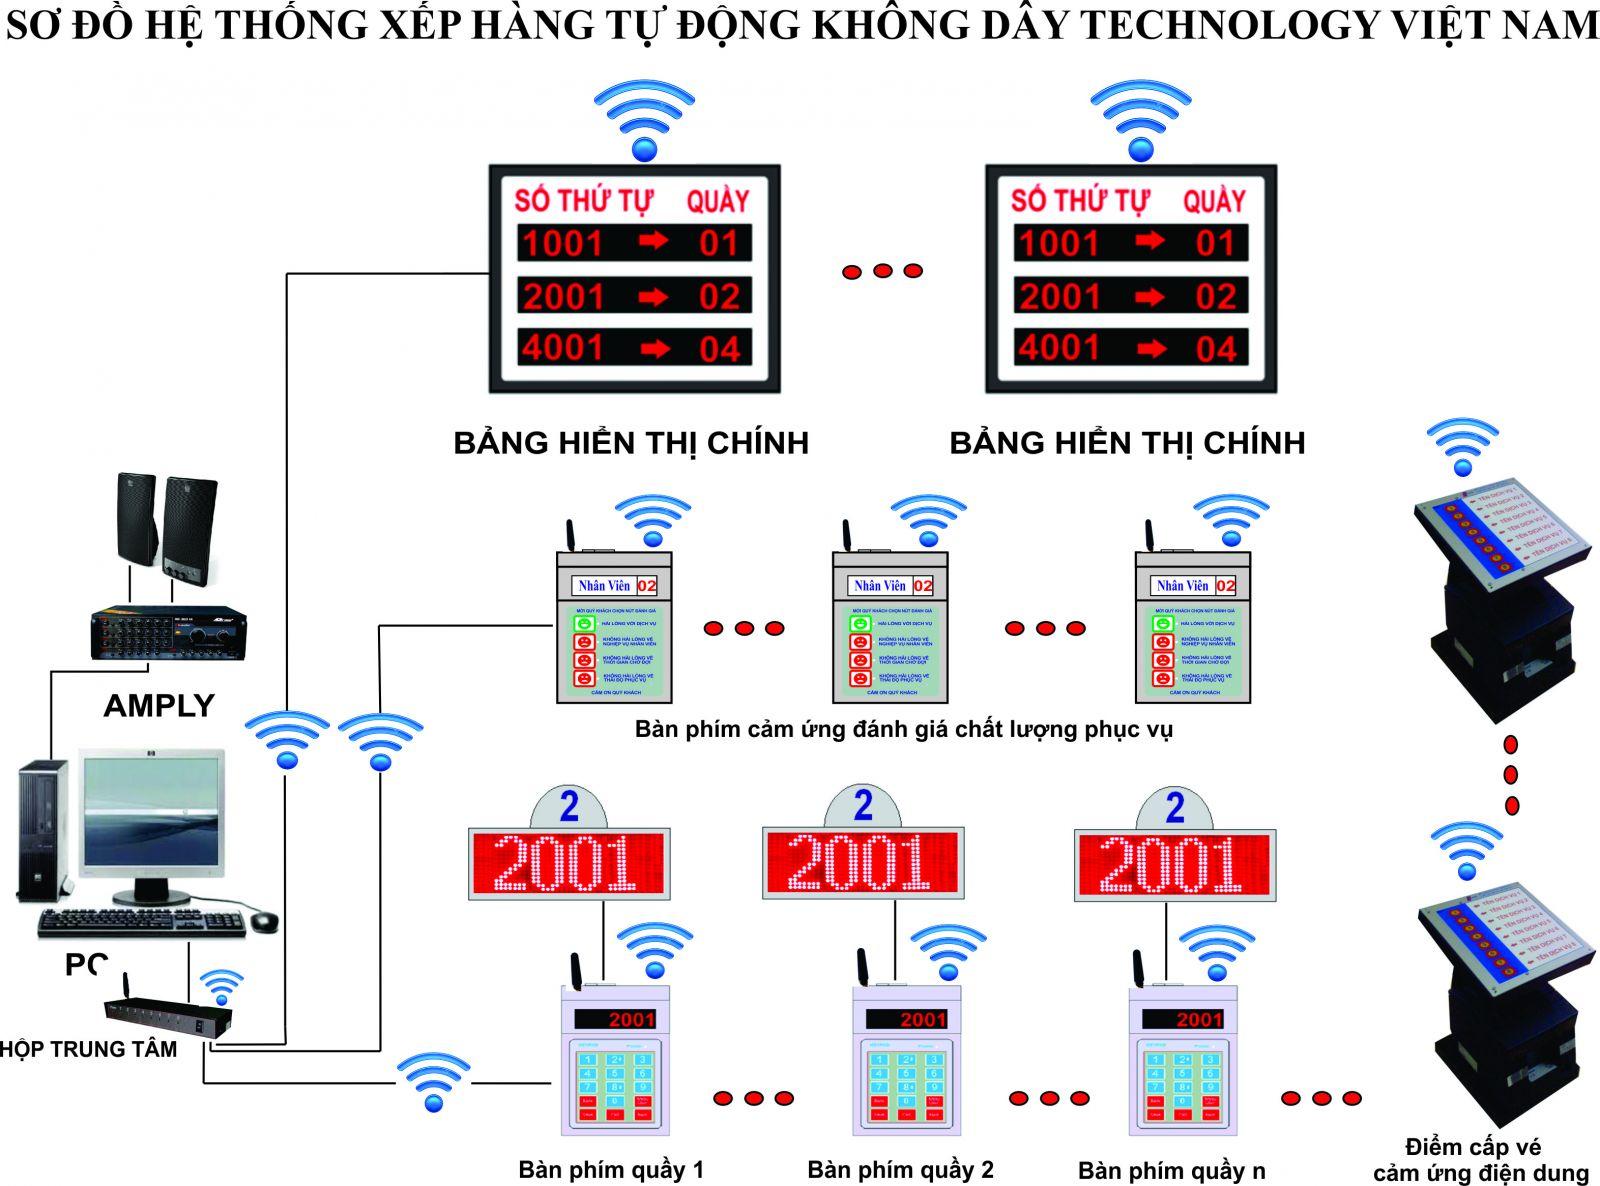 Hệ thống xếp hàng tự động không dây Technology Việt Nam